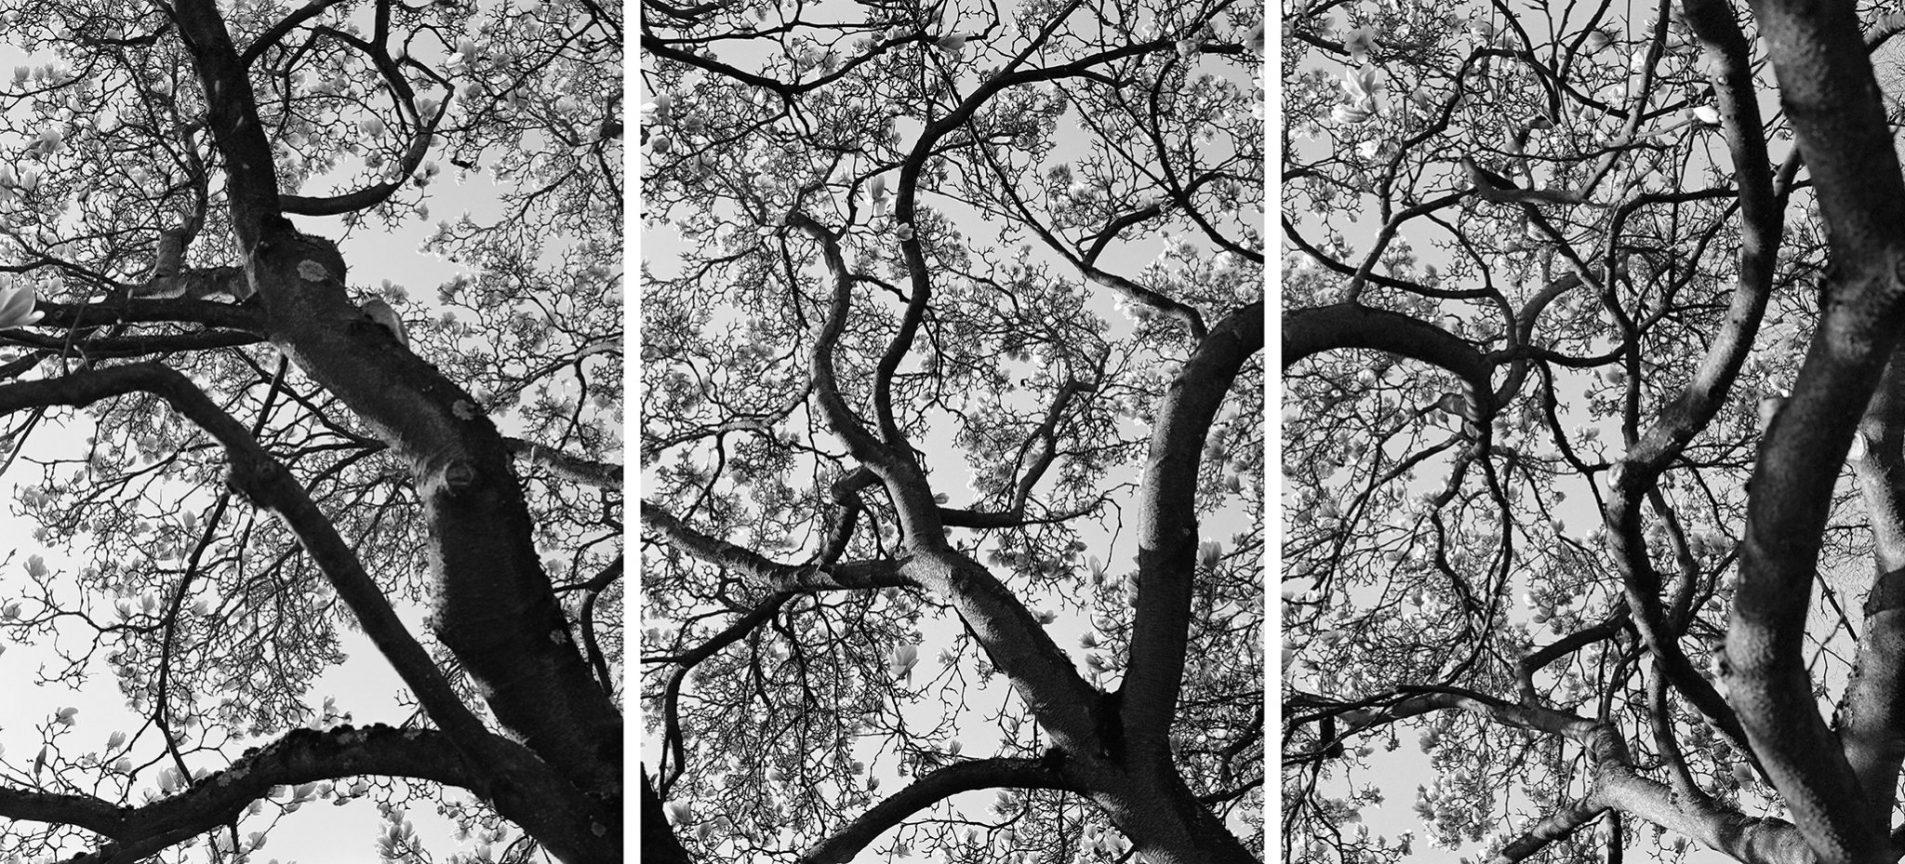 Magnolia Blossom, 2012 © Loredana Nemes